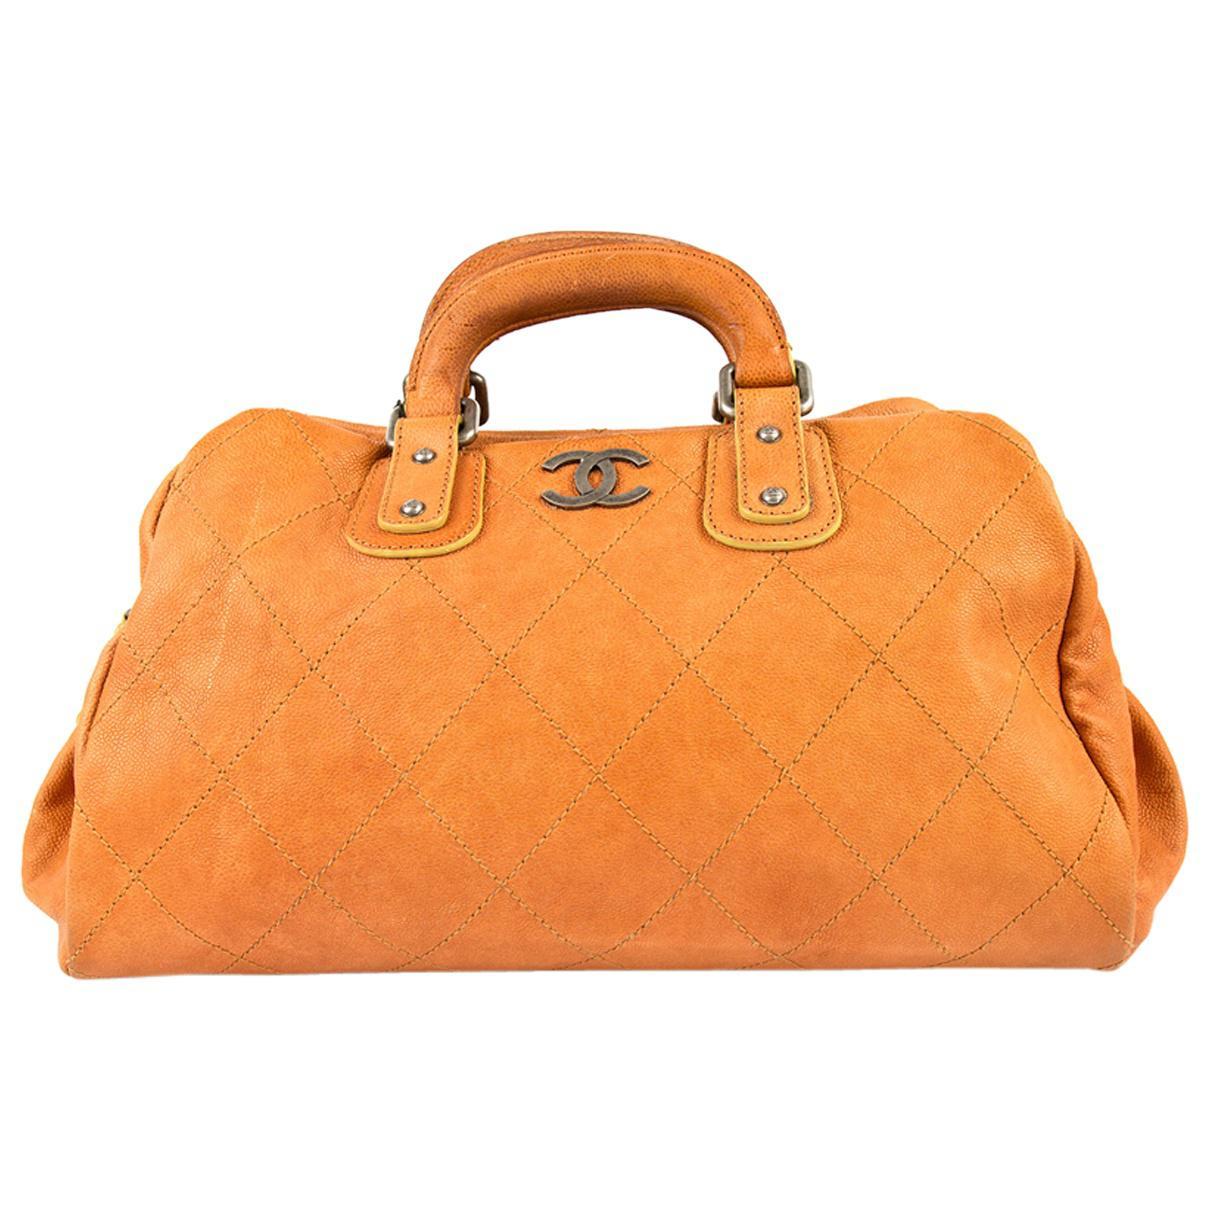 Chanel Pre-owned - Orange Leather Handbag mBBrjDDl14